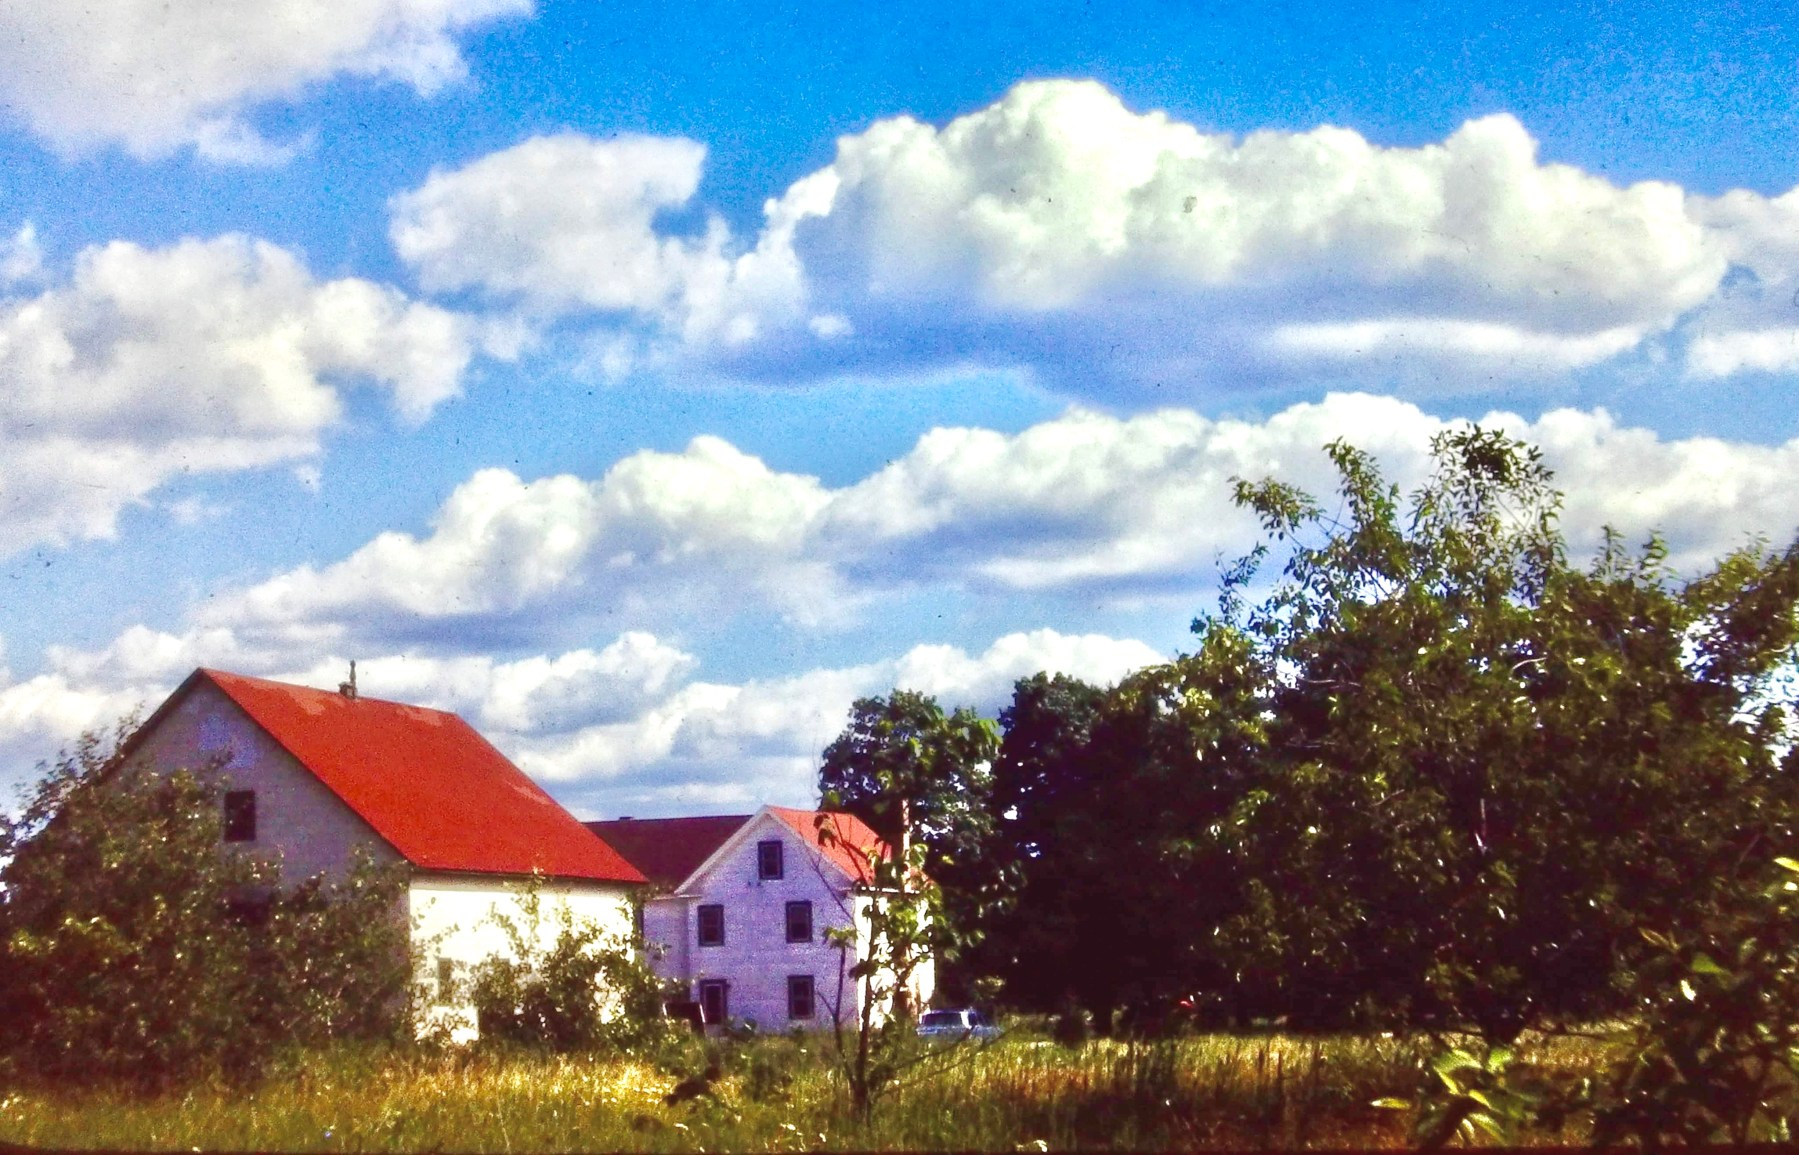 Seminatore house (Susan Salvato Alfano)